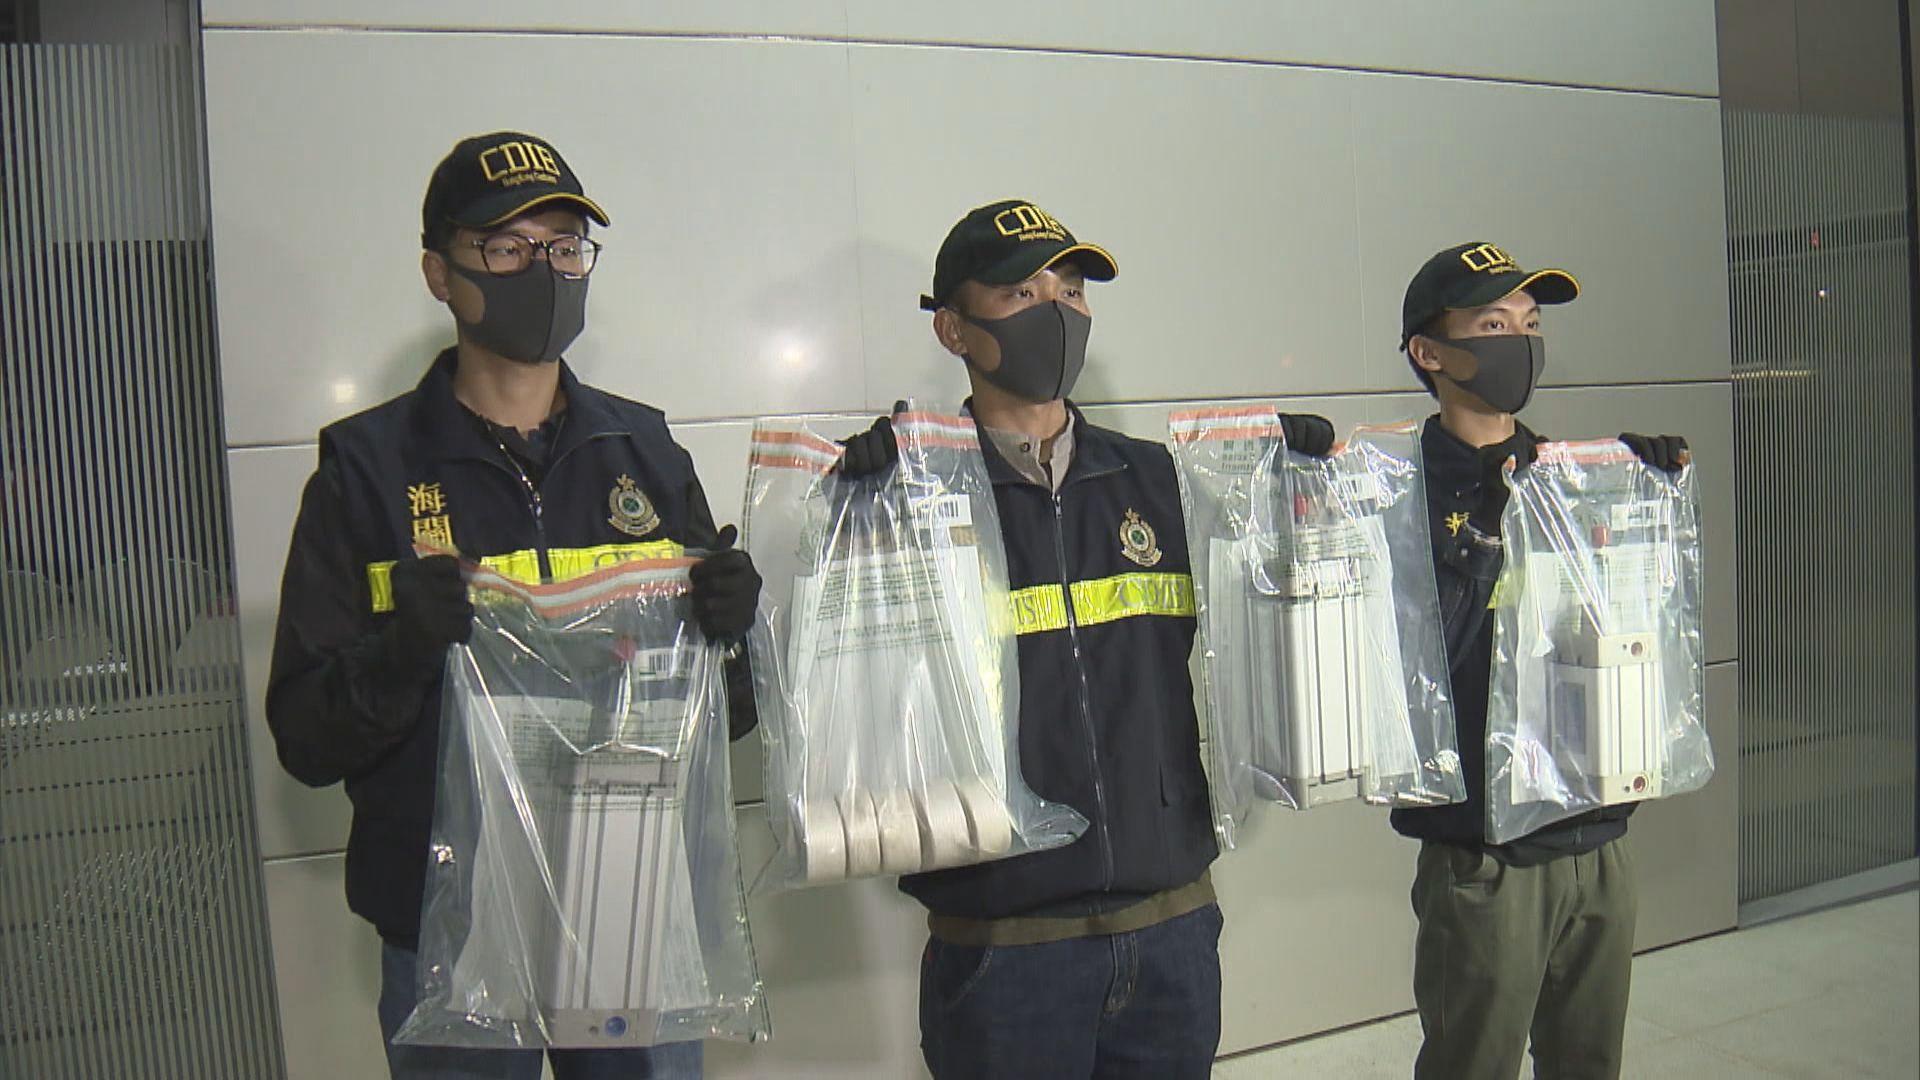 空運郵包藏毒品 海關拘兩人